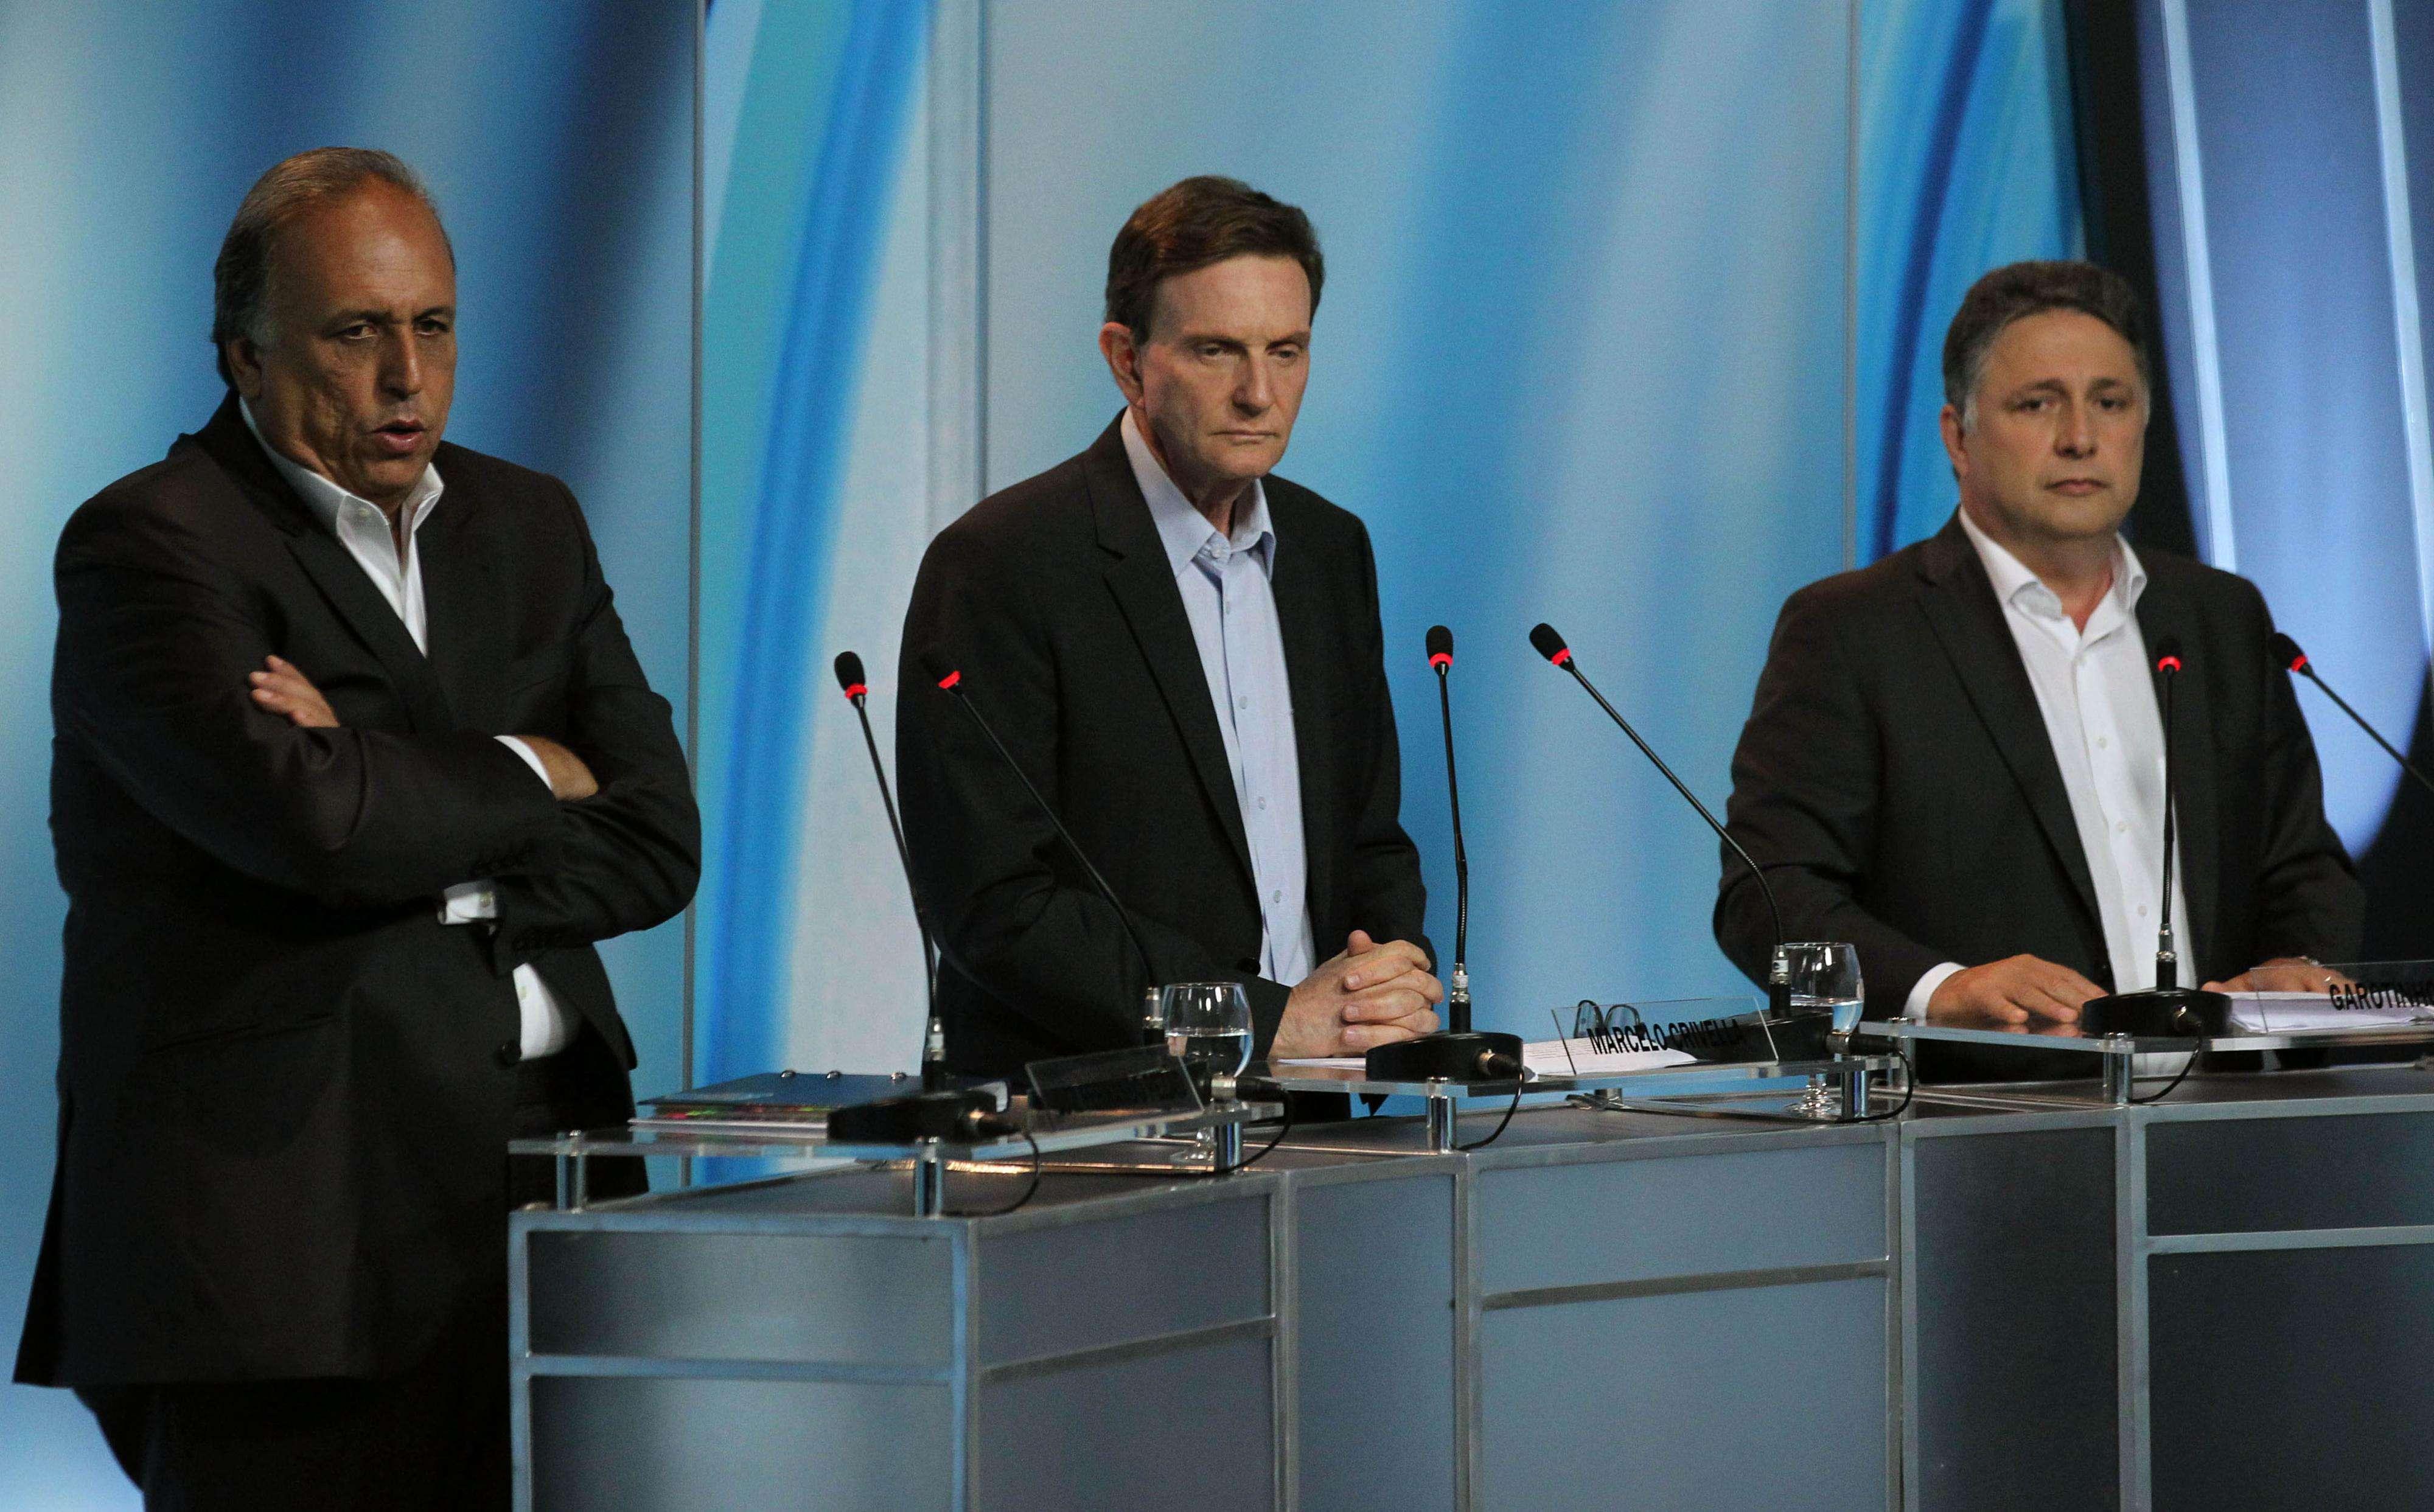 Os candidatos ao governo do RJ, Luiz Fernando Pezão (PMDB), Marcelo Crivella (PRB) e Antony Garotinho (PROS), durante debate da TV Record Foto: Fotos públicas/Tasso Marcelo/Divulgação